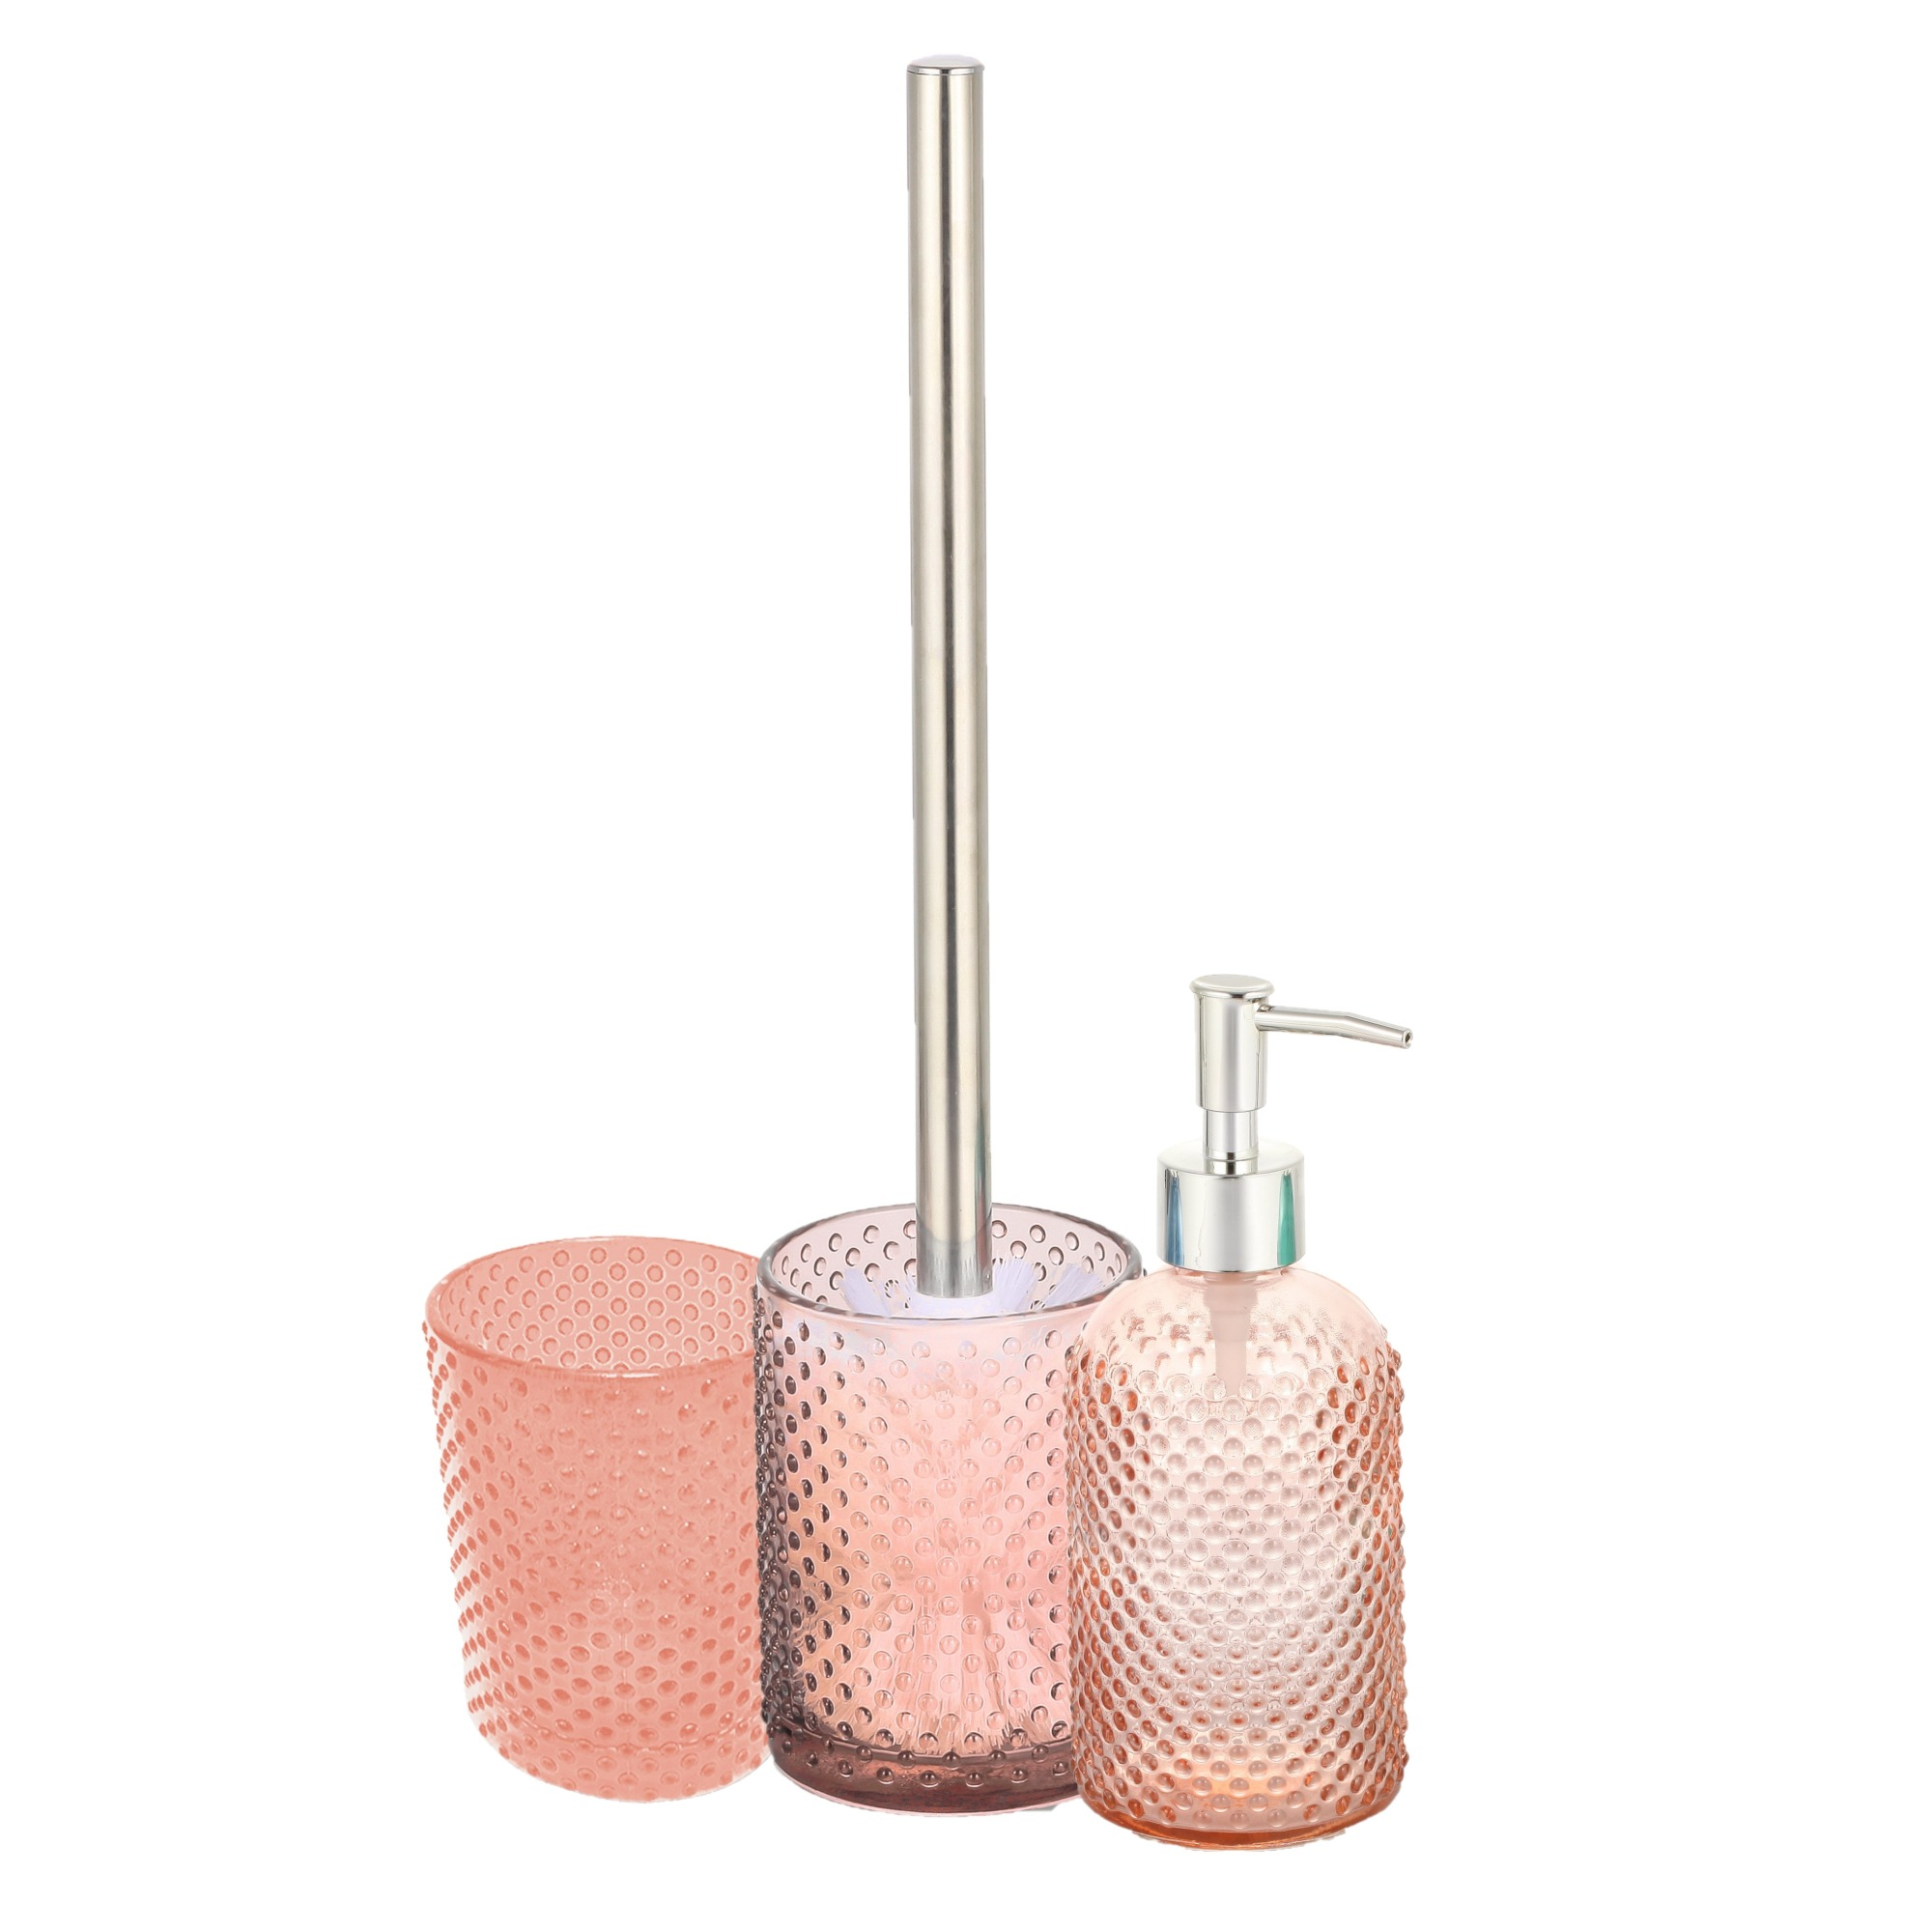 Jogo para Banheiro em Vidro com Escova Sanitaria 3 Pecas Salmao - Casa Ambiente